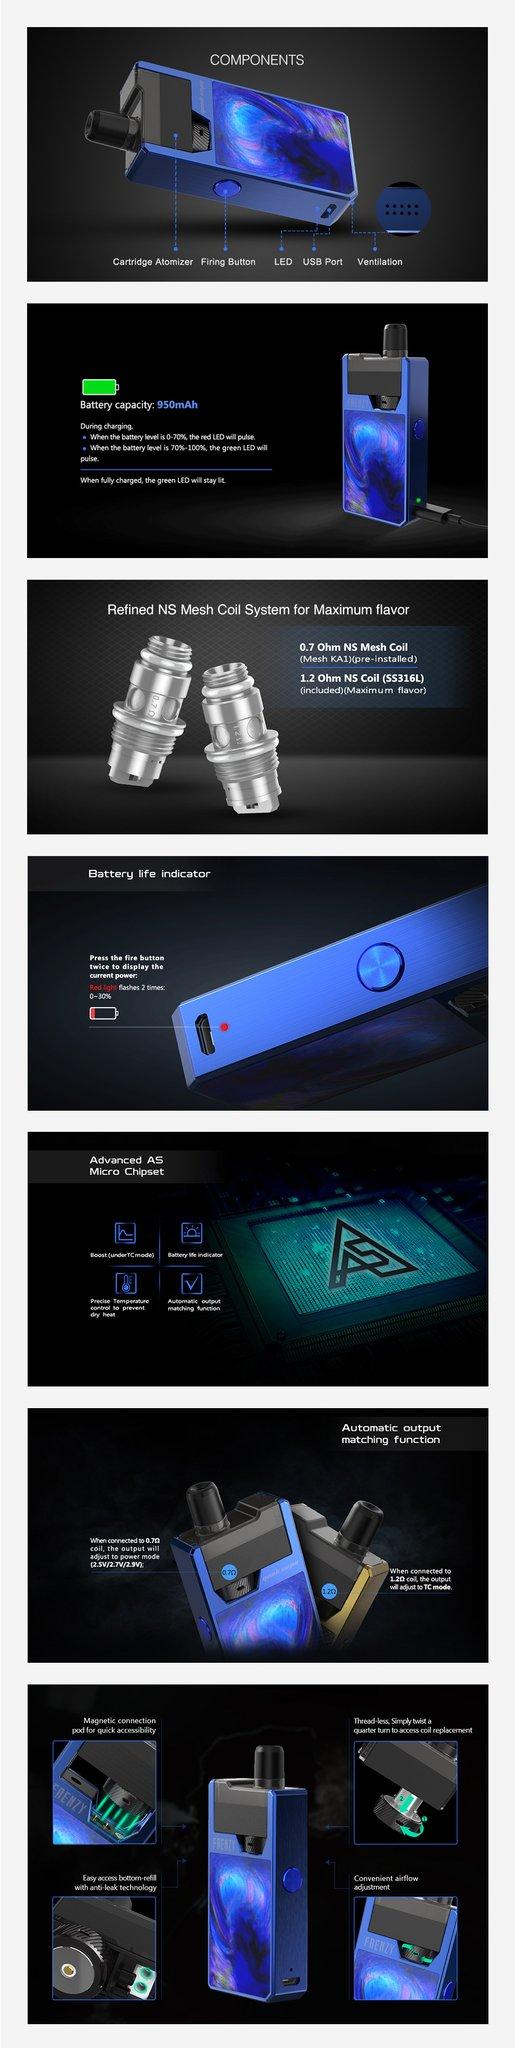 GeekVape Frenzy Pod Kit